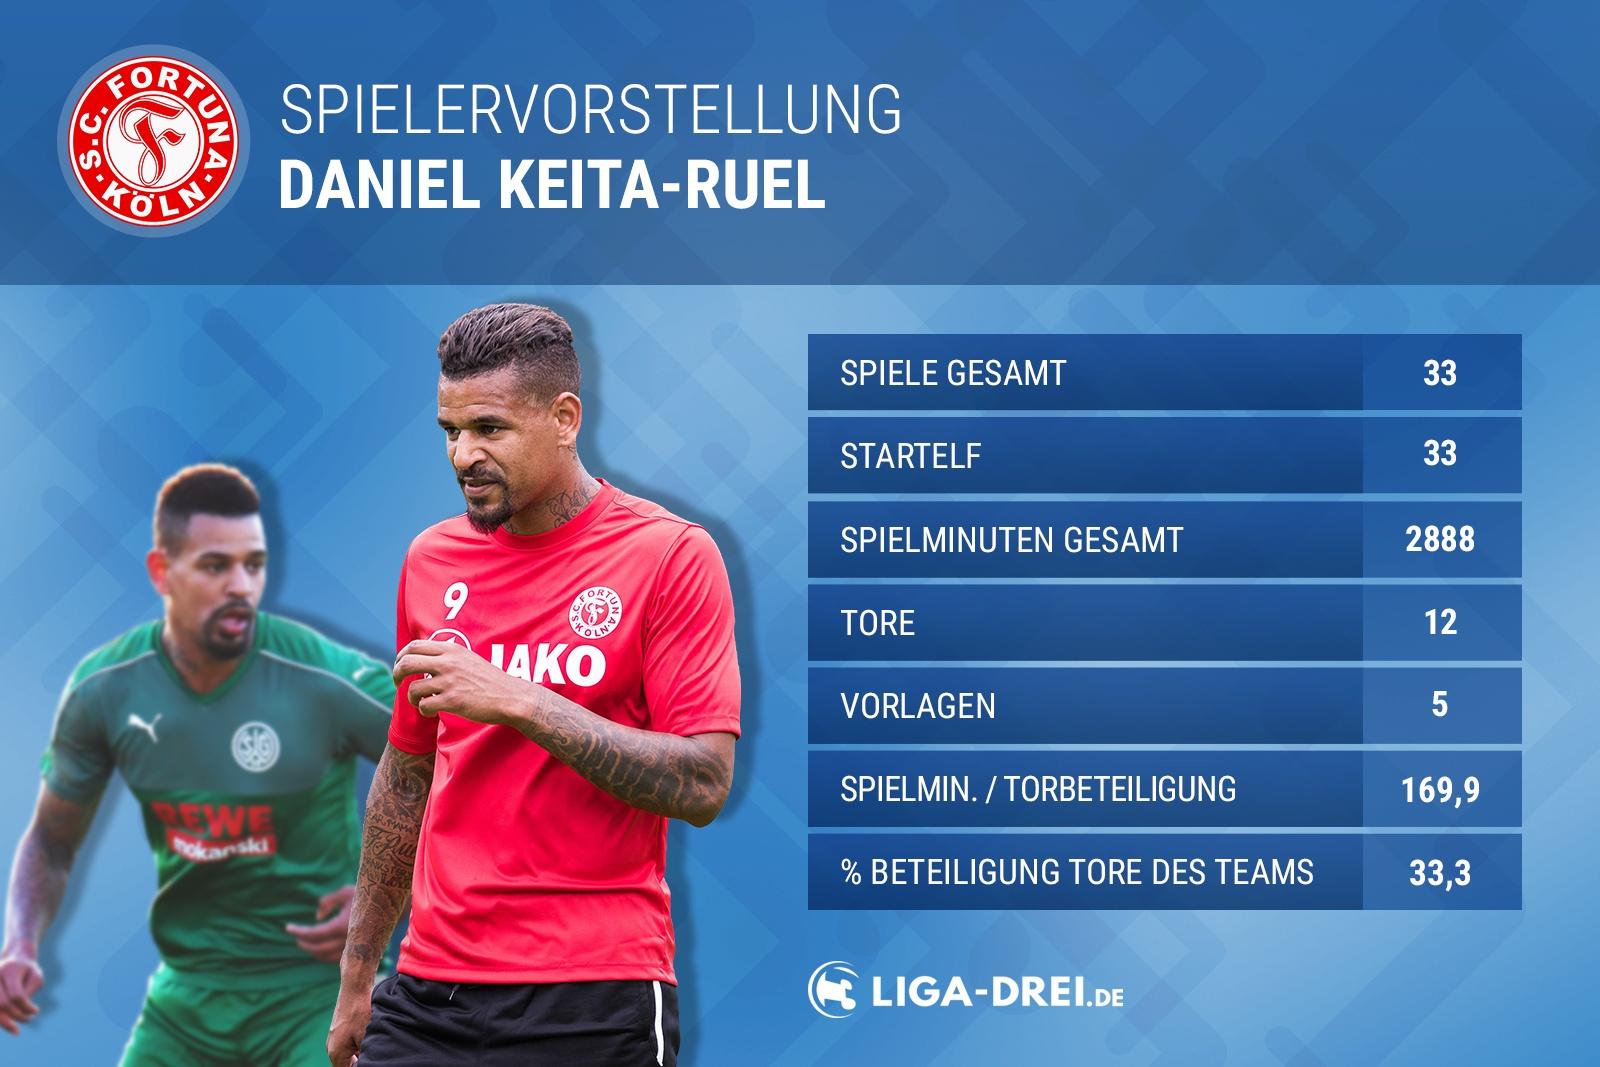 Daniel Keita-Ruel Fortuna Köln